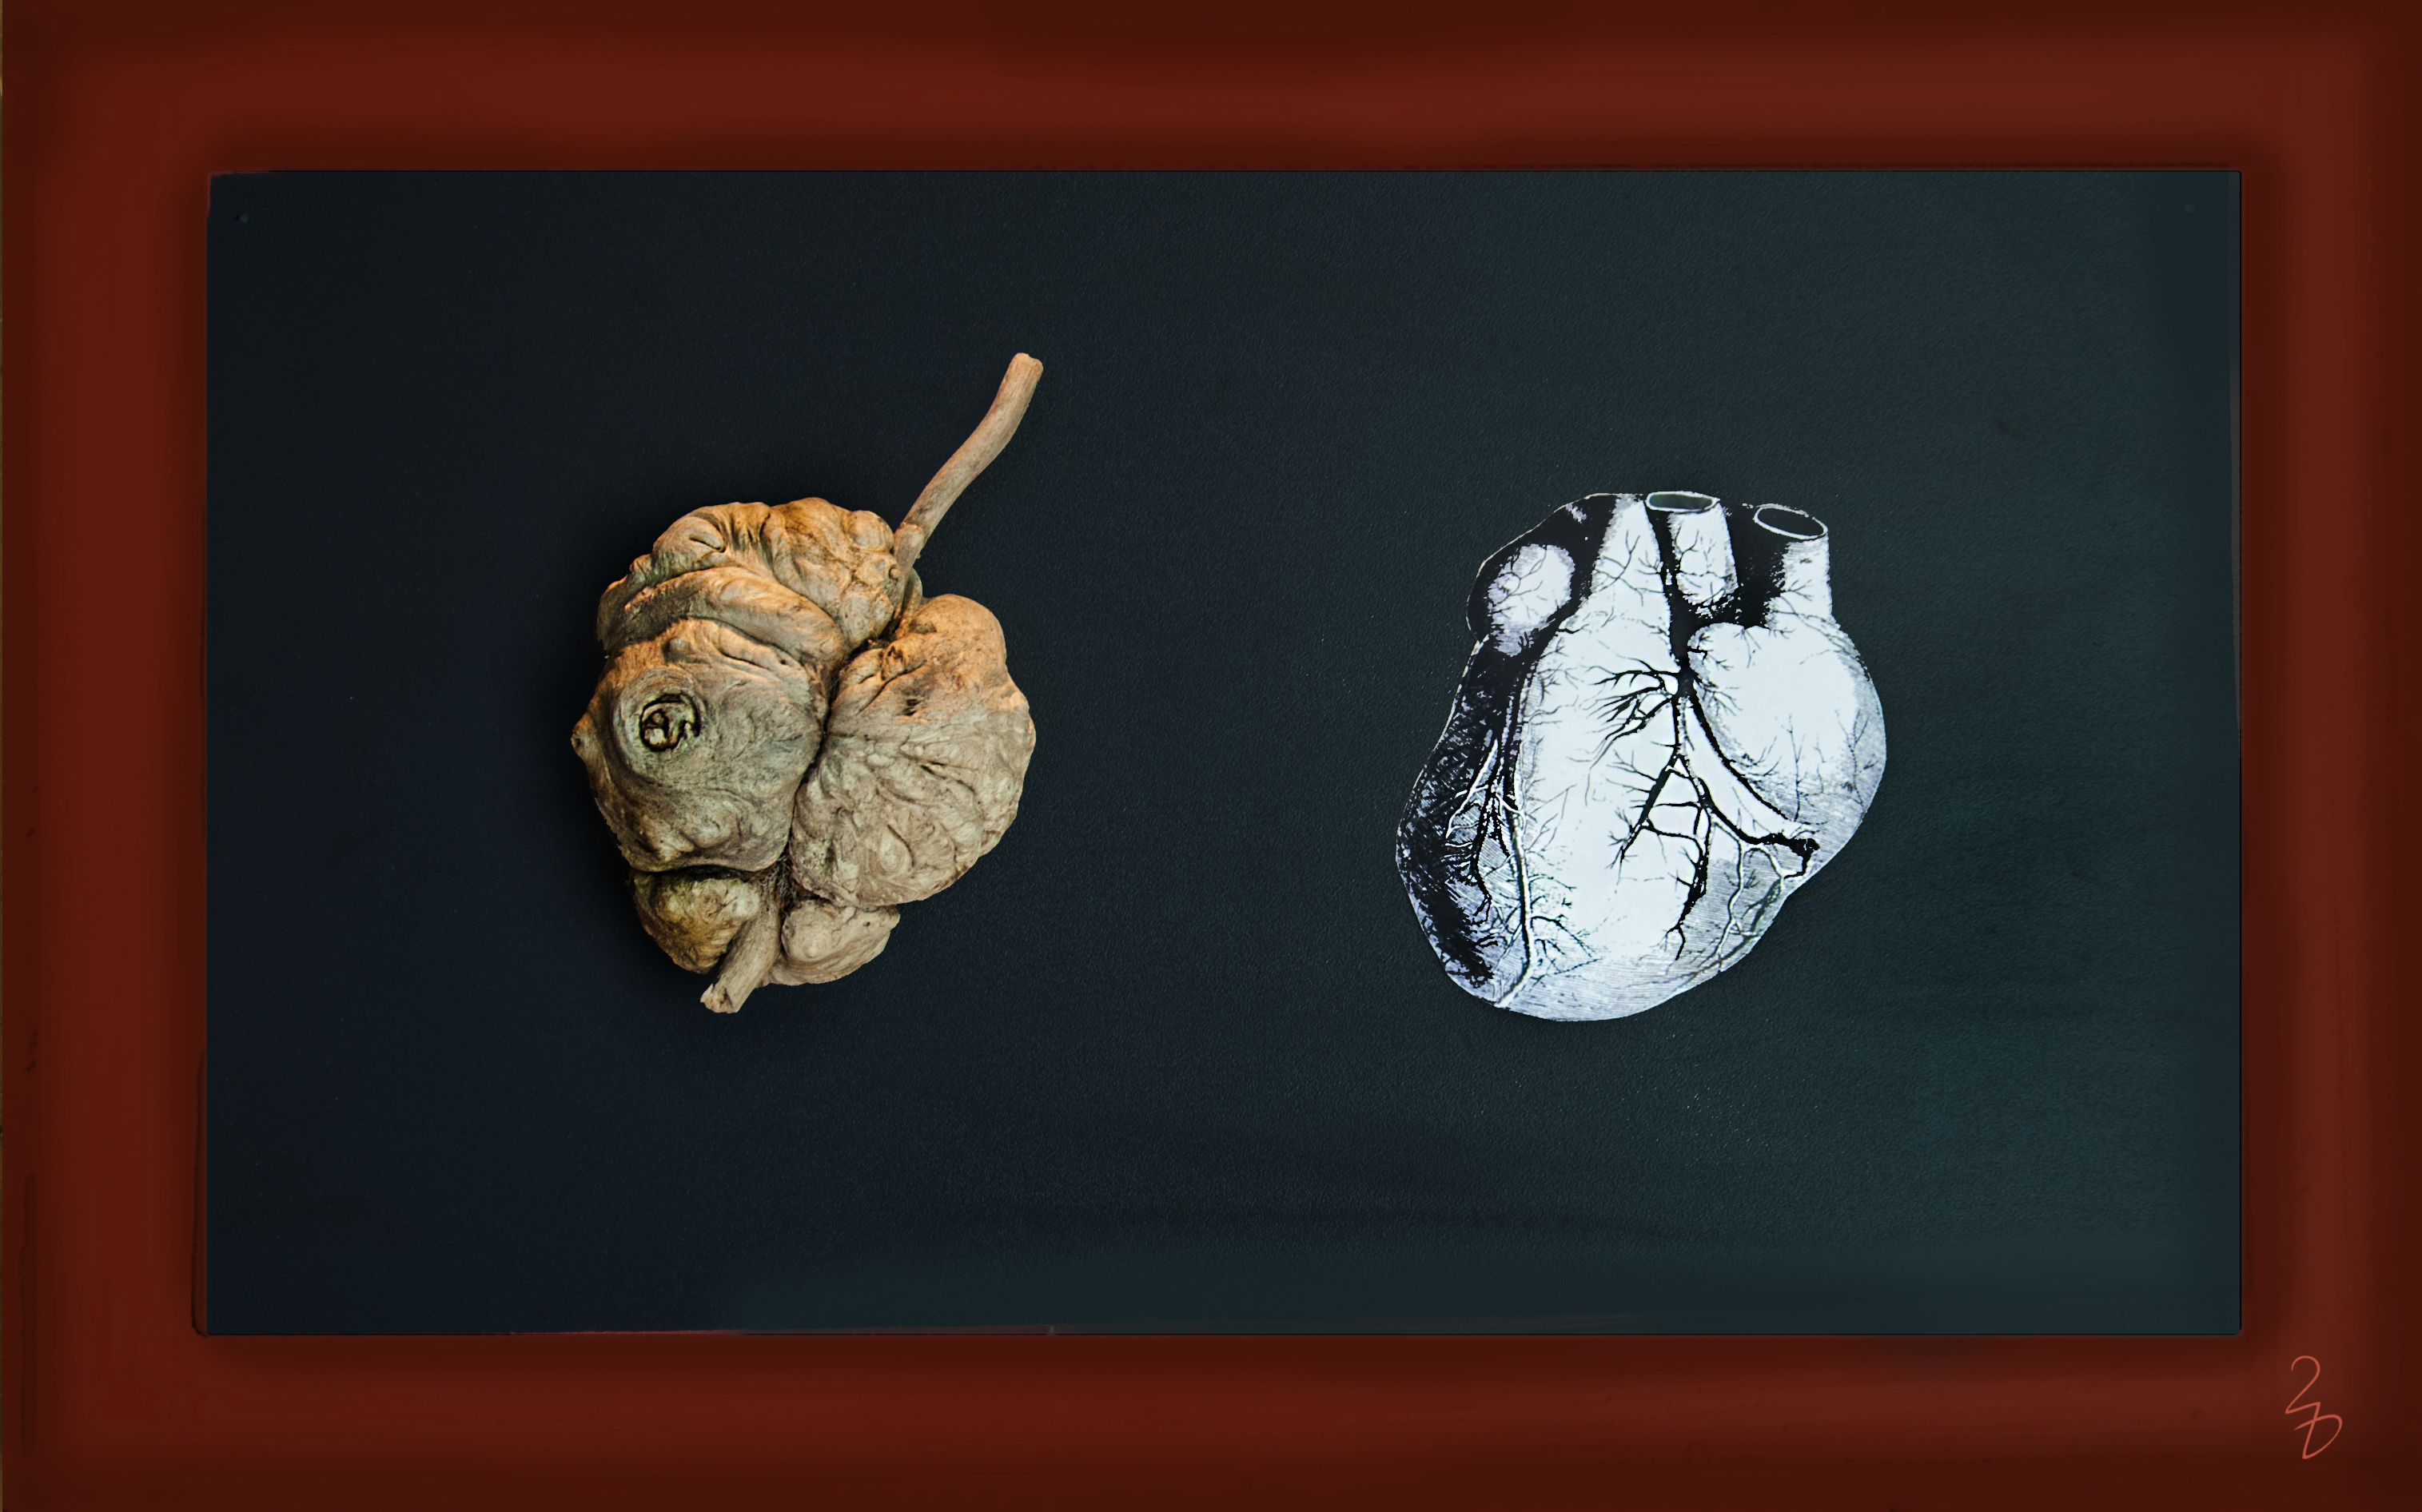 Herzwurzel